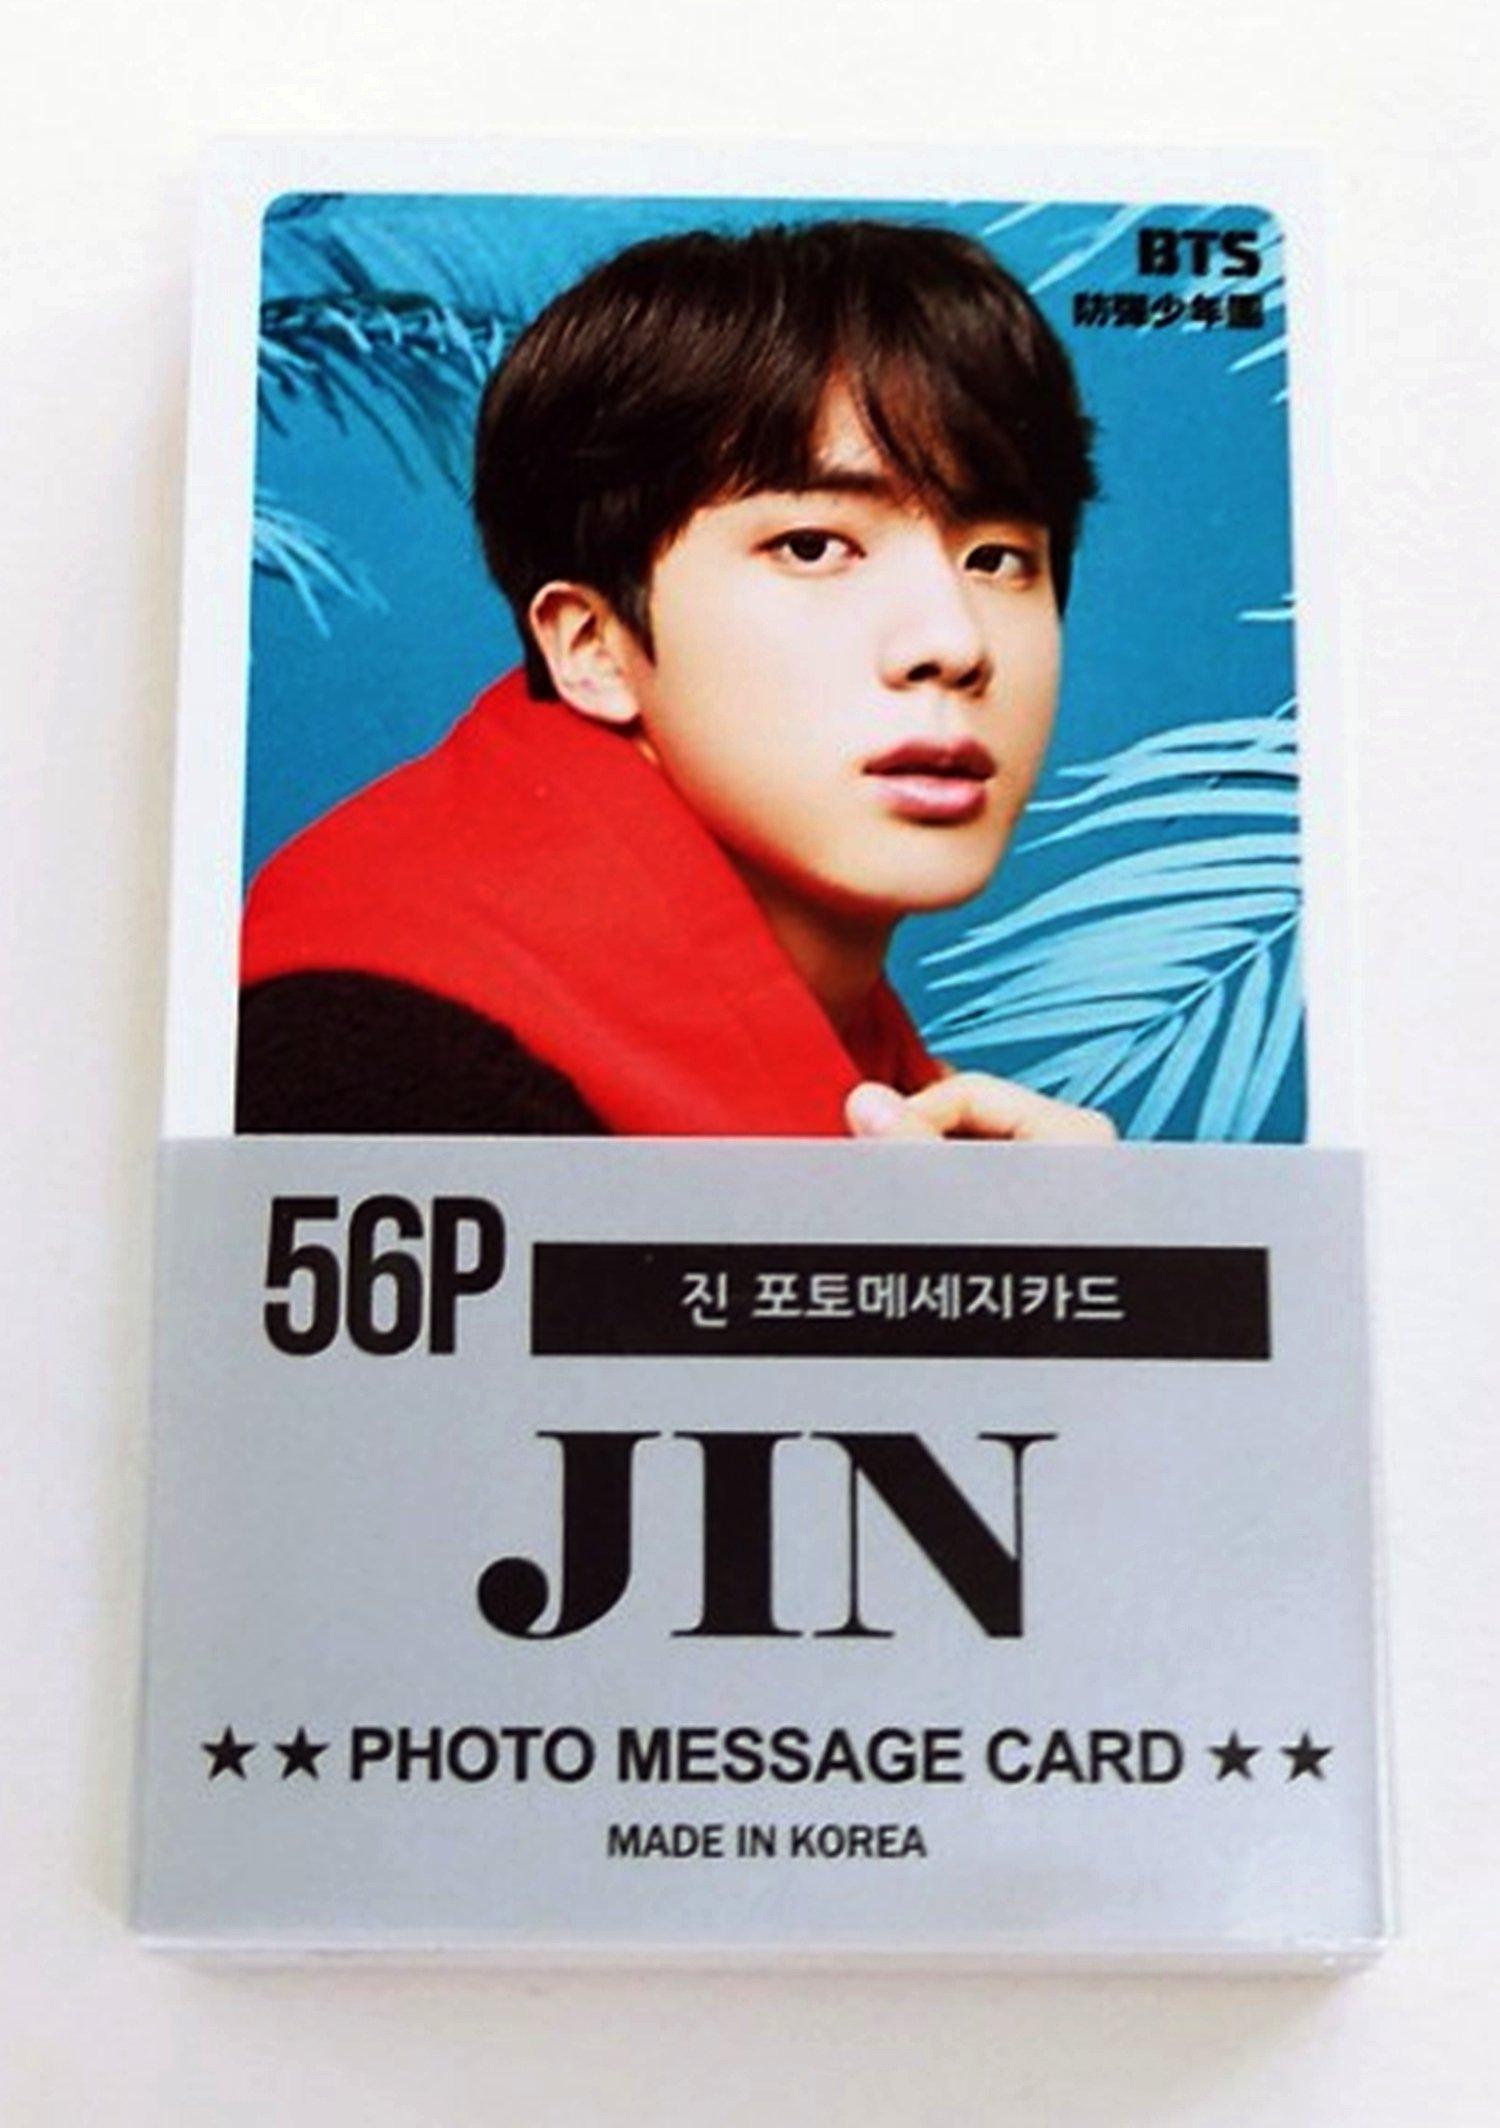 BTS JIN Solo Photocards 56pcs